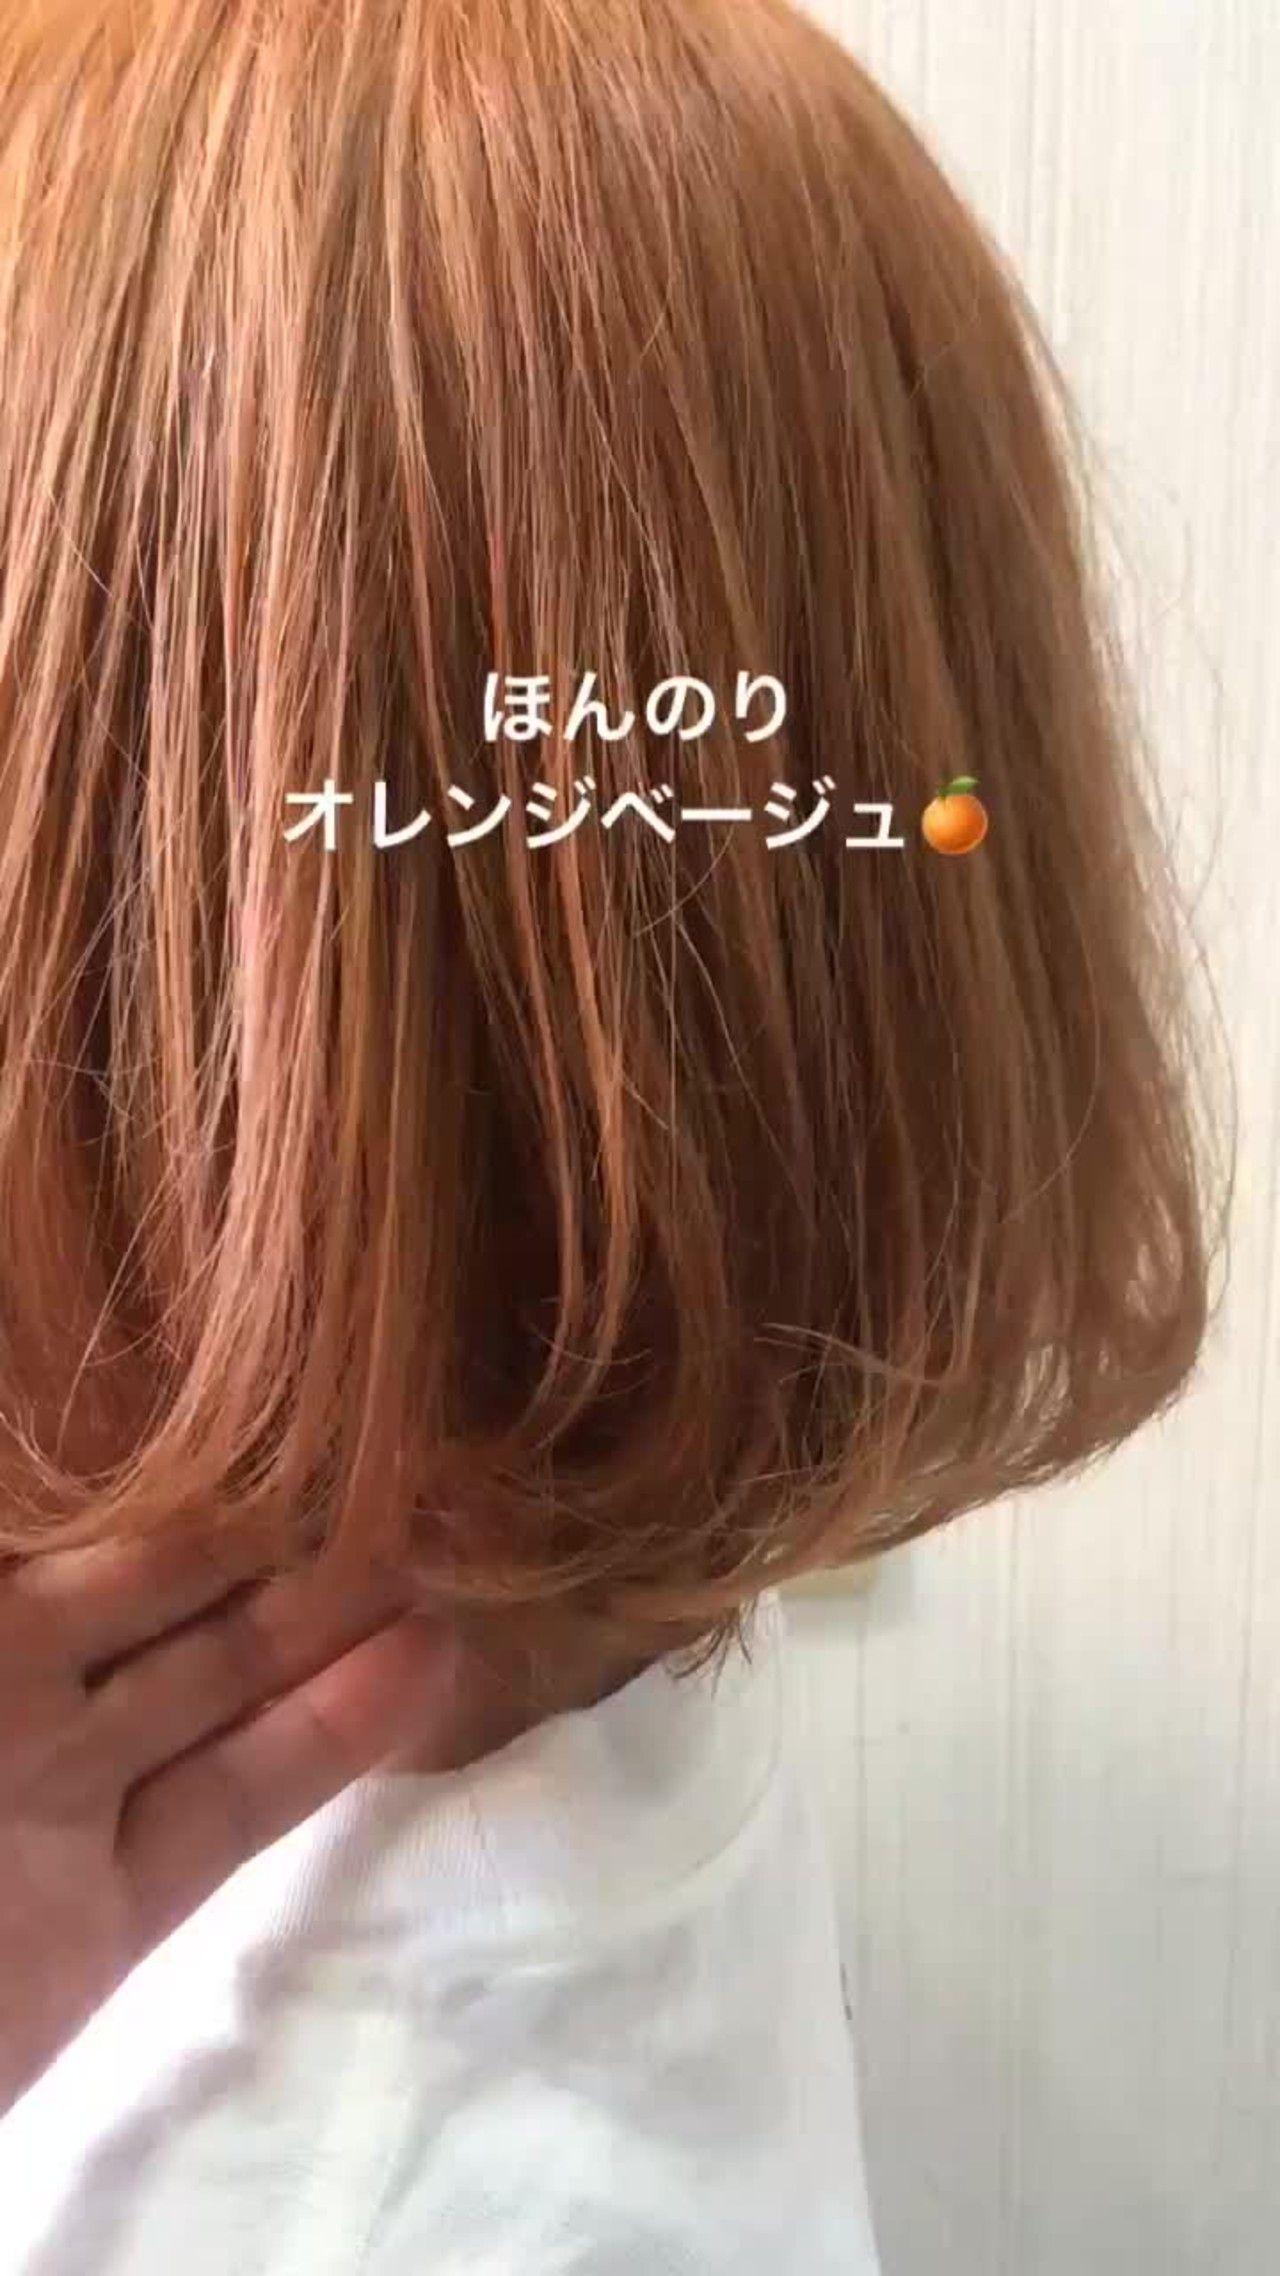 韓国アイドル系オレンジベージュ 髪色 オレンジ 髪色 ベージュ